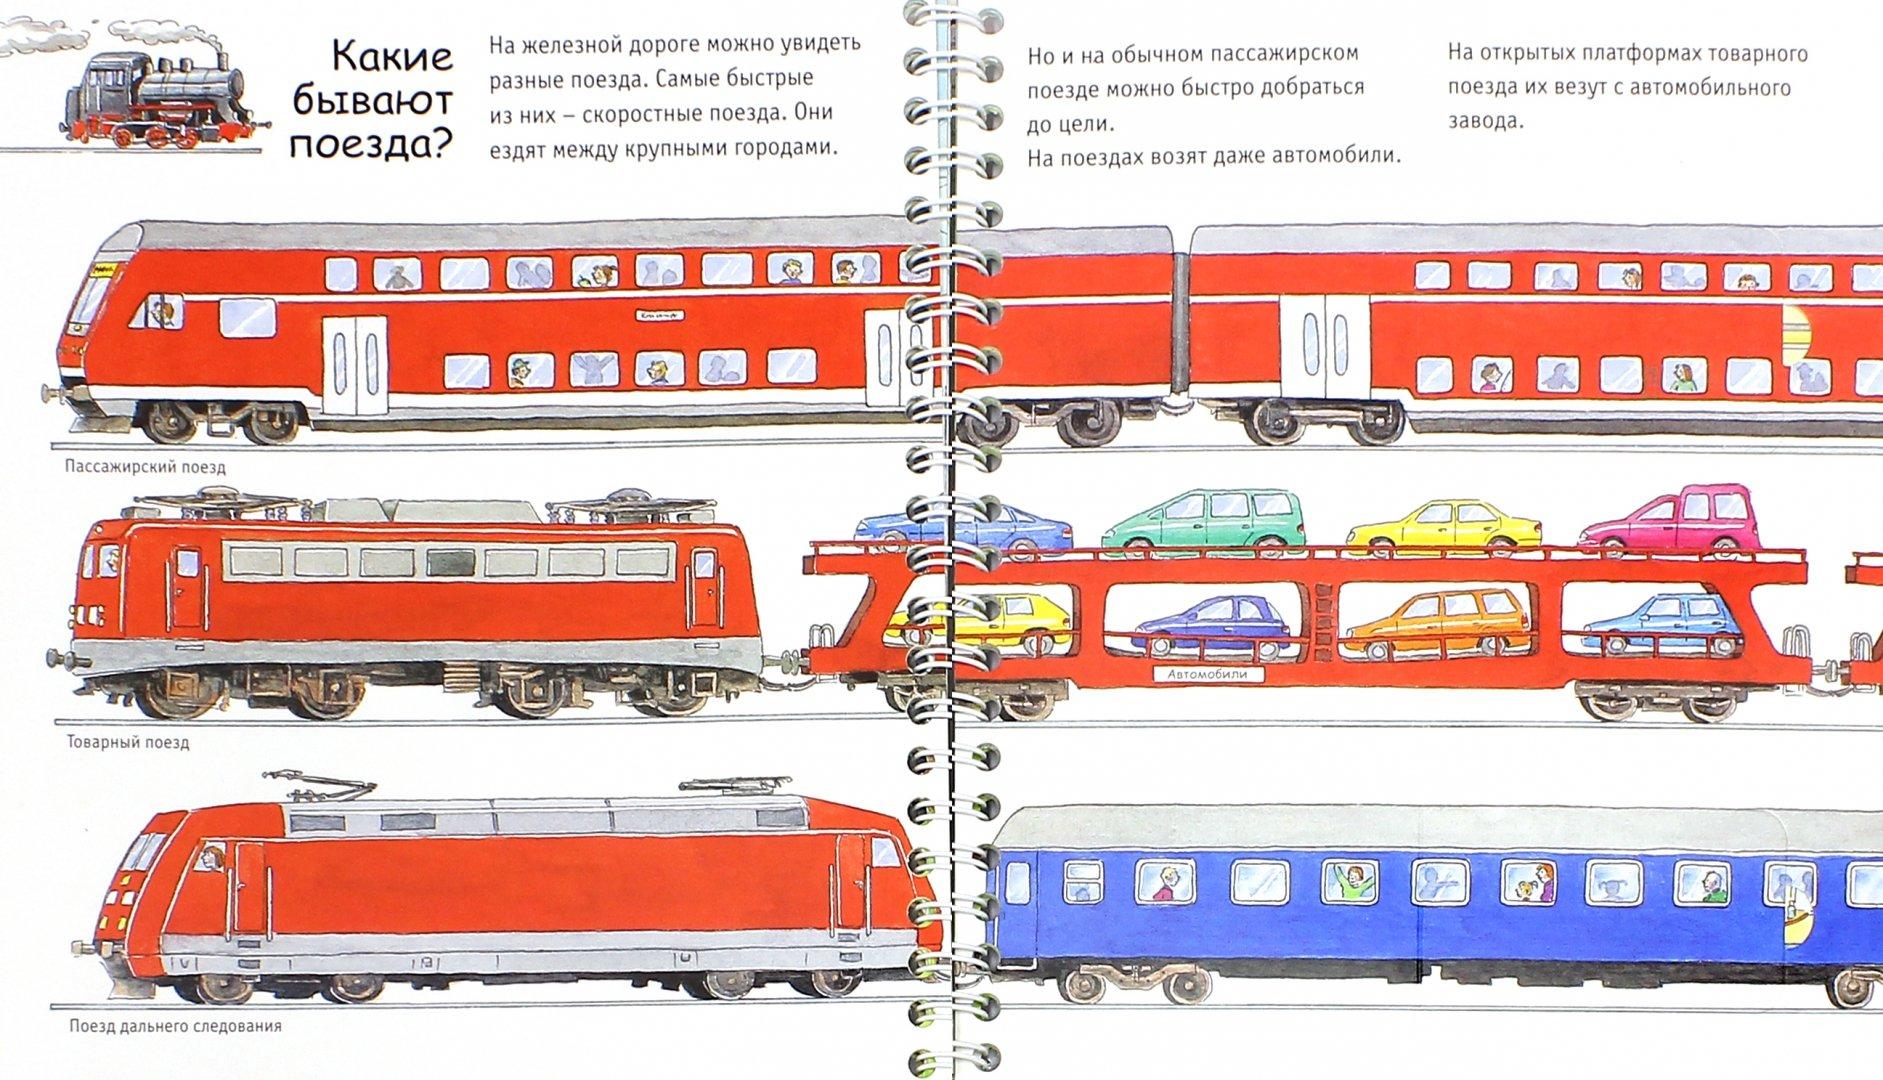 Иллюстрация 1 из 17 для Железная дорога - Андреа Эрне | Лабиринт - книги. Источник: Лабиринт